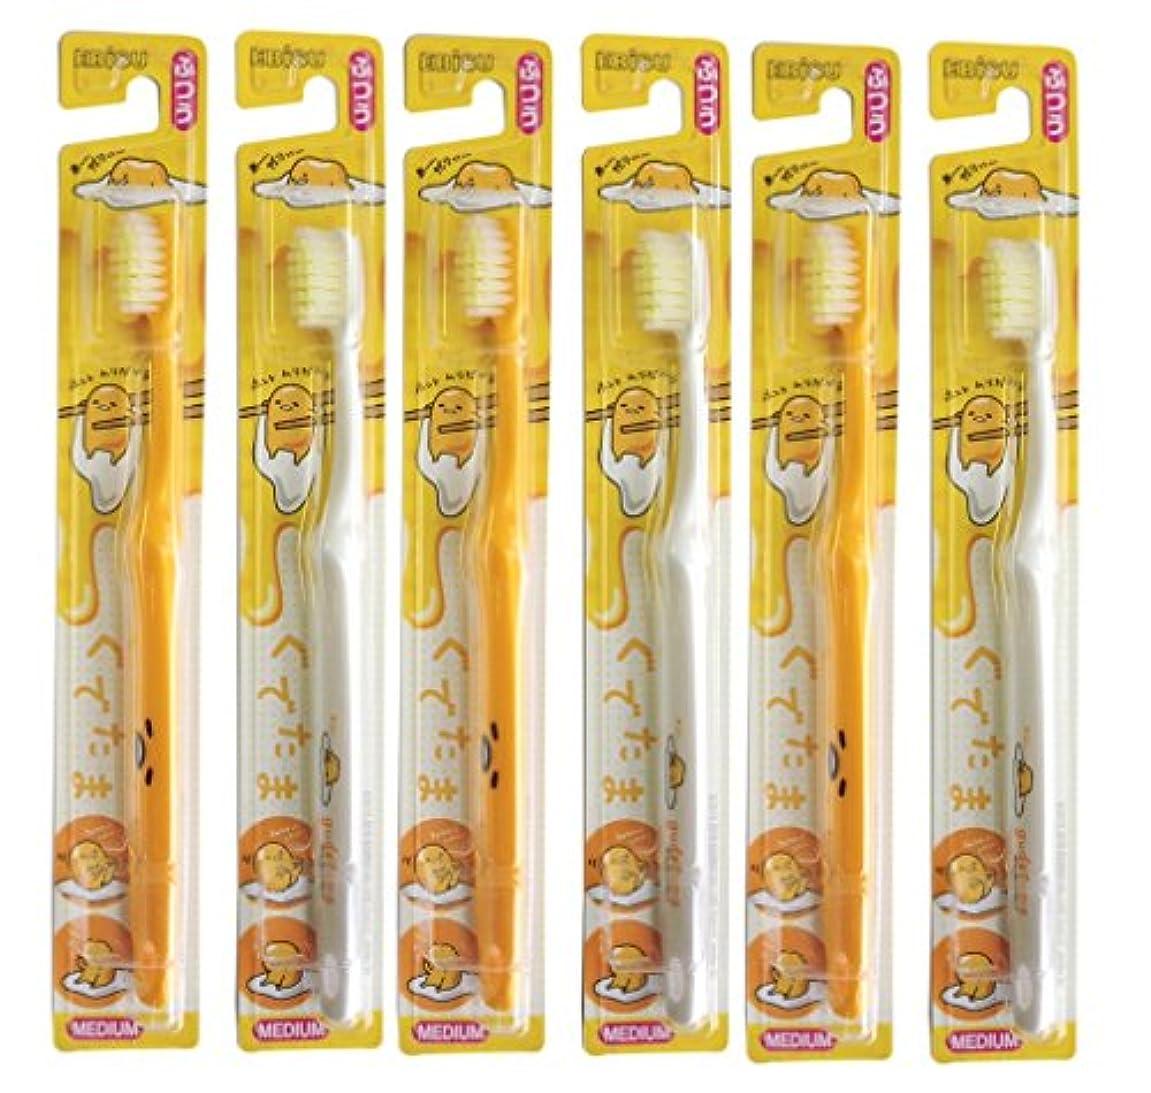 プレゼンテーションロータリーちょっと待ってエビス 歯ブラシ キャラコレ ぐでたま ハブラシ 6本組